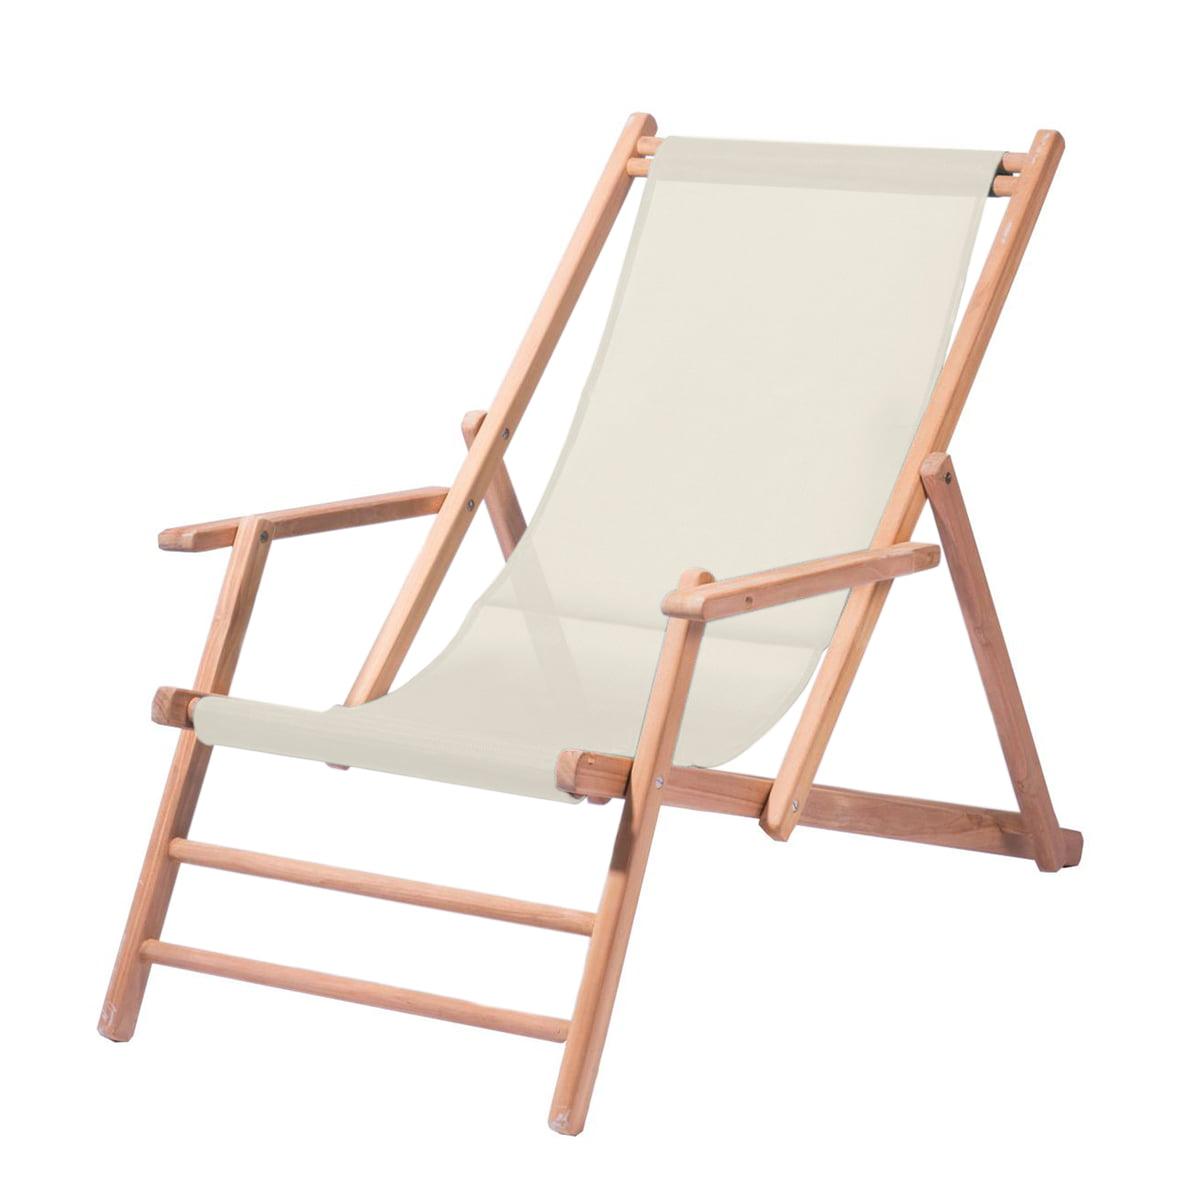 Deckchair Teakholz, Bezug Polyacrylgewebe natur